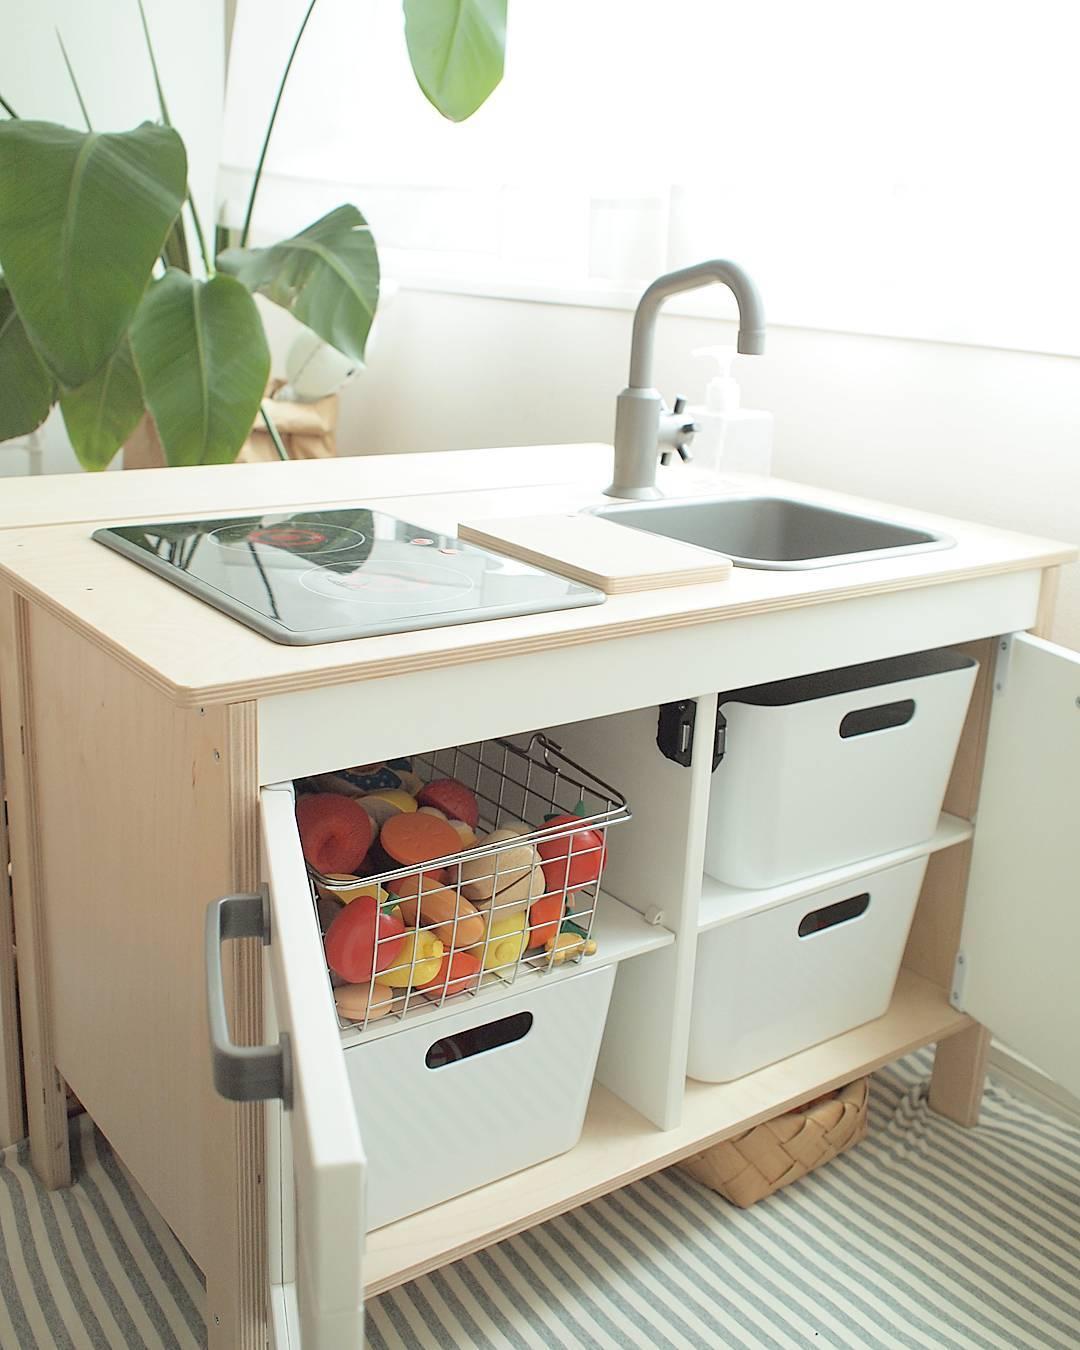 IKEAのままごとキッチン